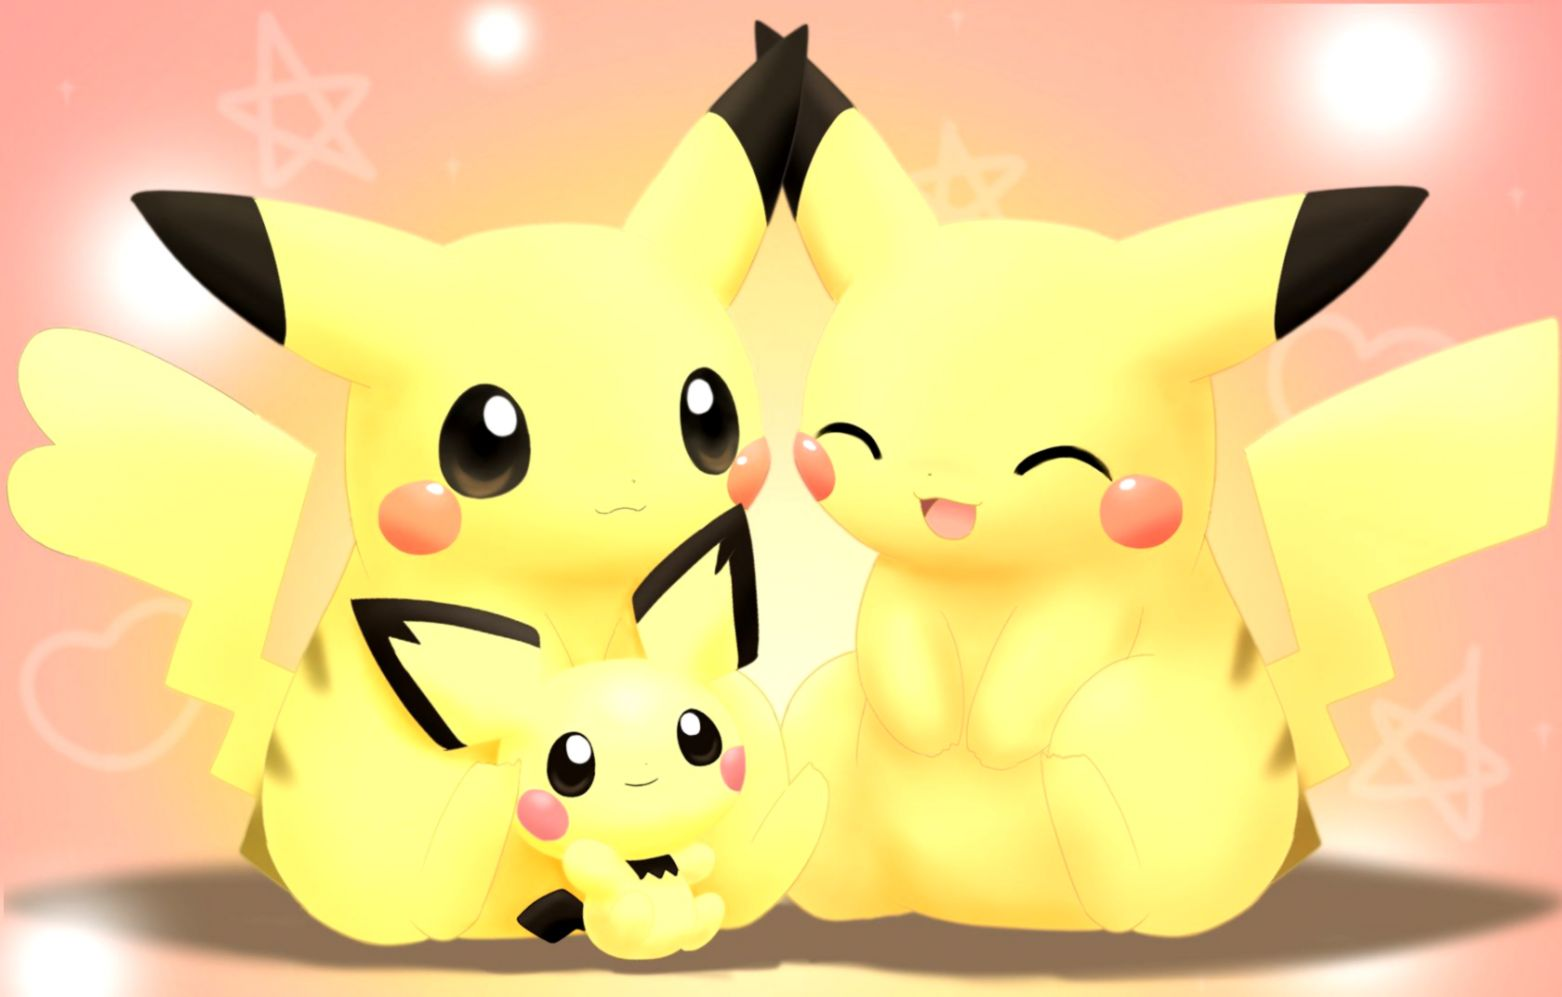 Pikachu Pokemon Hd Wallpaper Eazy Wallpapers 1562x997